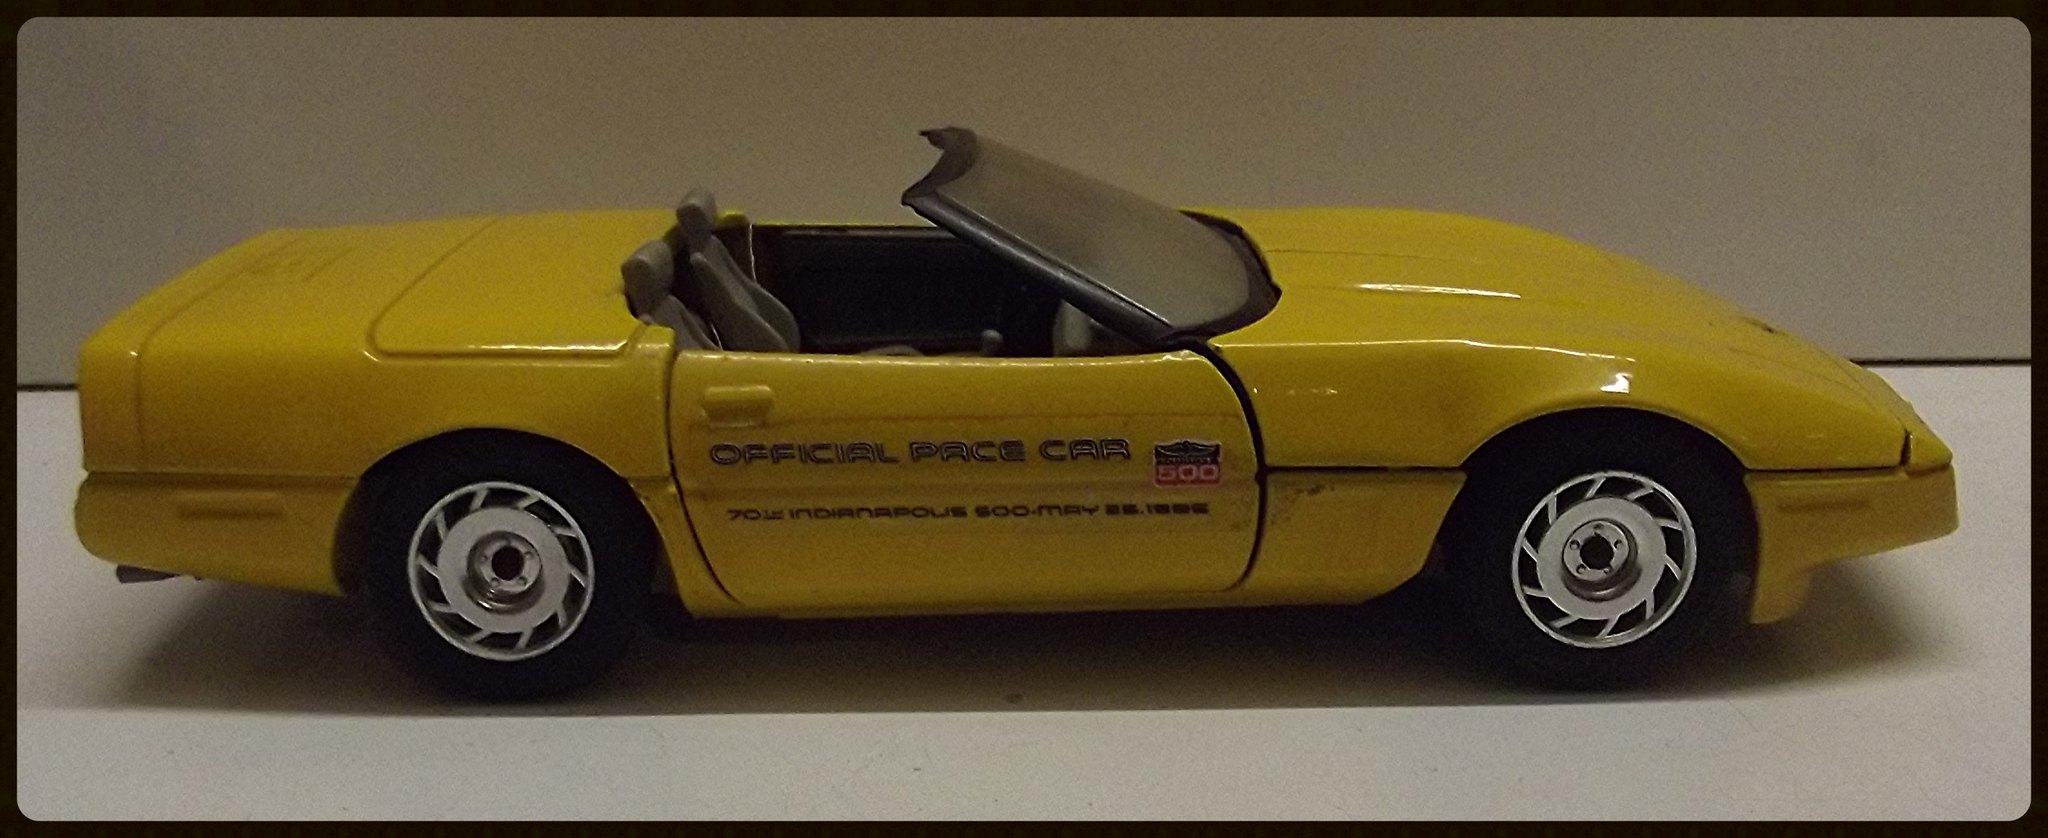 N°4204 Chevrolet Corvette Roadster. 32780622191_b3385e0f0c_k